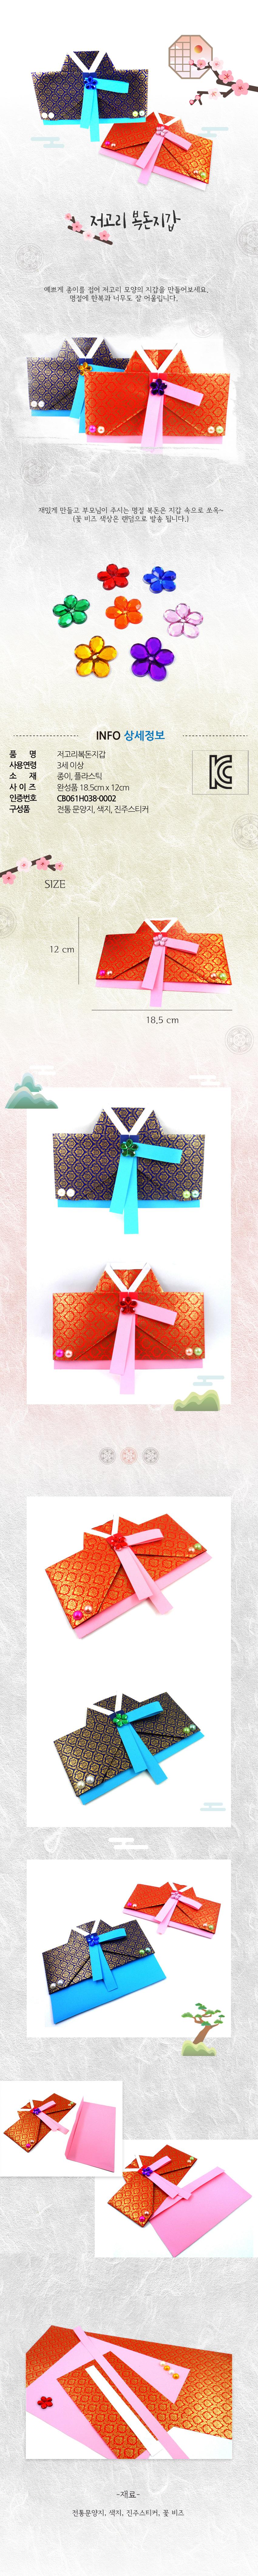 저고리 복돈지갑 (5개묶음판매) / 우리나라 전통 명절 - 청양토이, 7,800원, 전통/염색공예, 기타소품 패키지